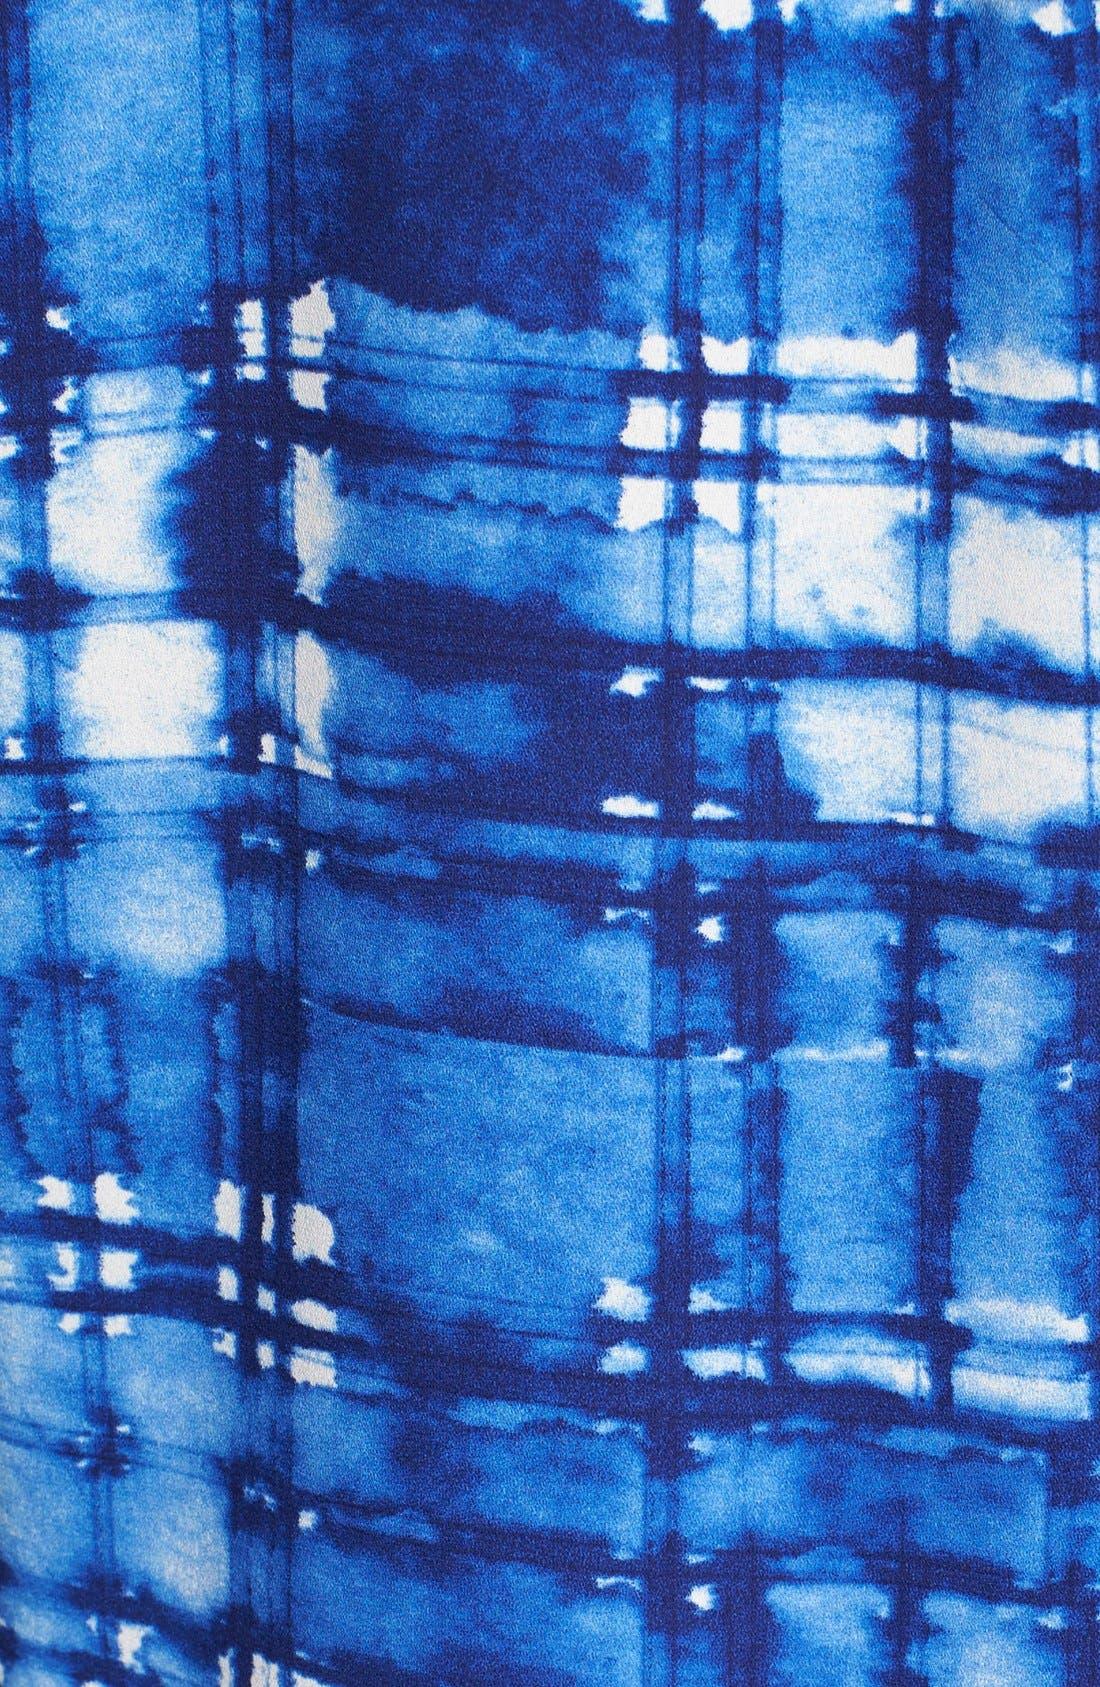 Pleat Back Sleeveless Split Neck Blouse,                             Alternate thumbnail 268, color,